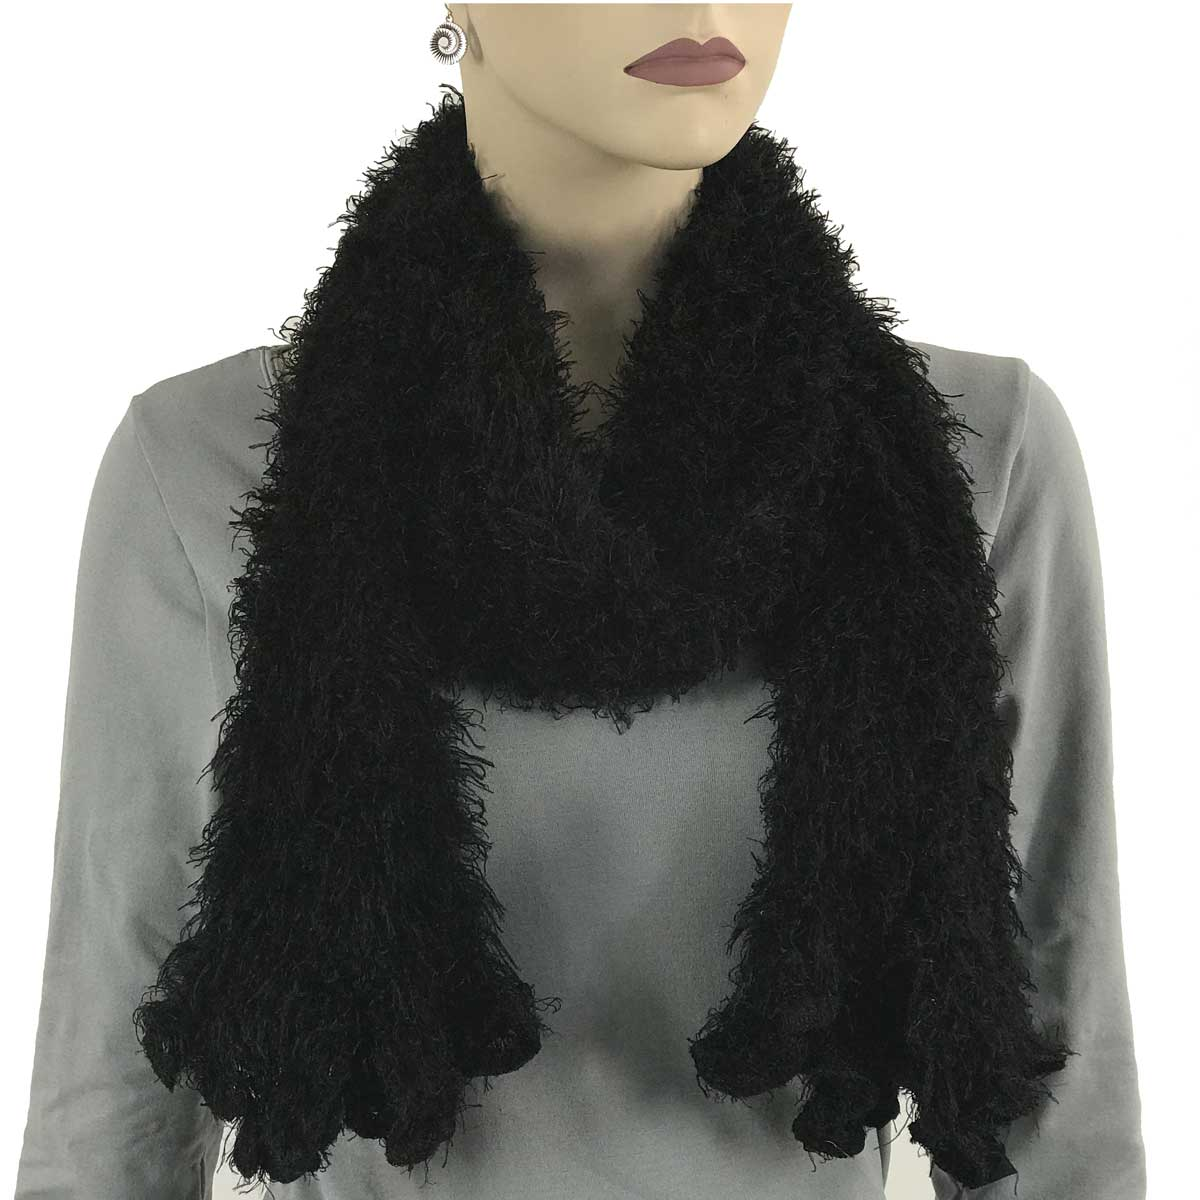 Wholesale Original Moa Boa Magic Scarves  Black -